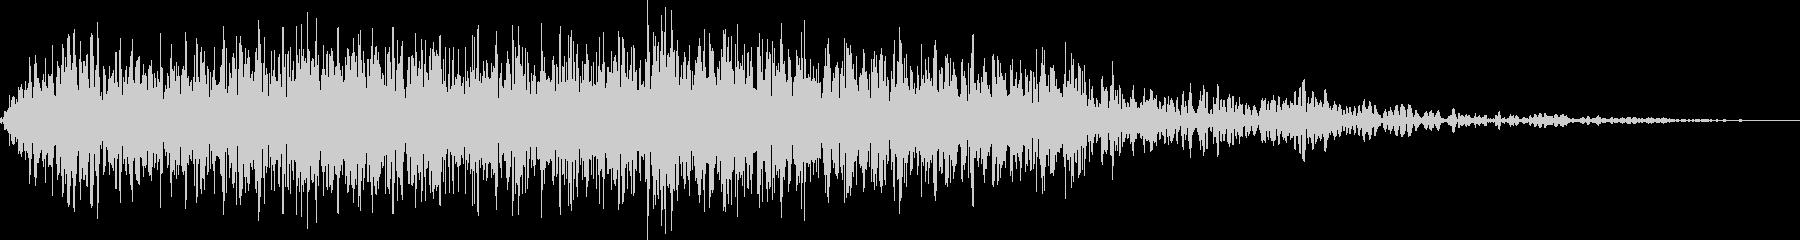 ゴブリンの鳴き声(人間大のモンスター)の未再生の波形